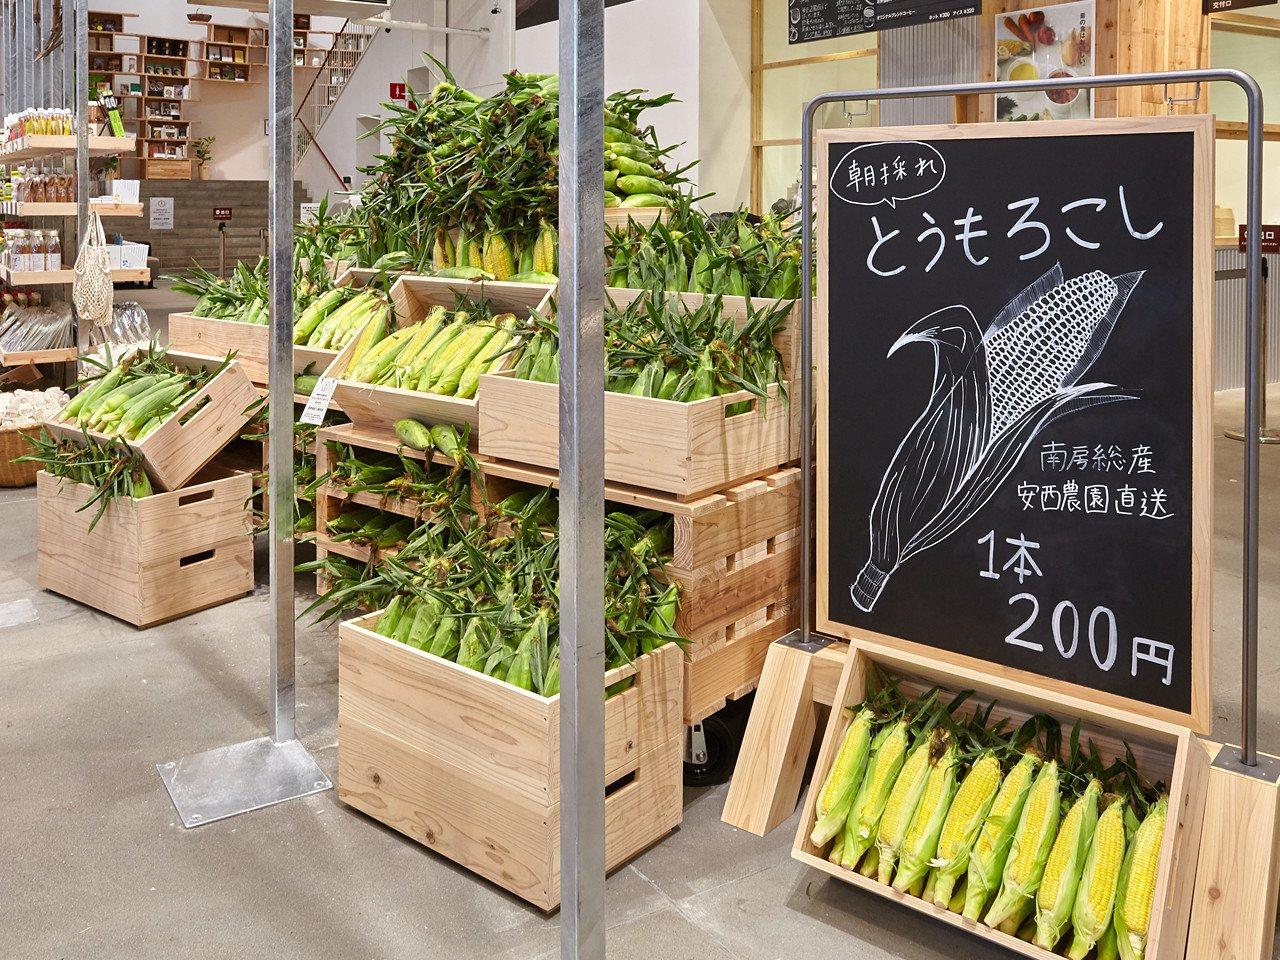 無印良品蔬果市場販賣當季限量食材。圖/無印良品提供